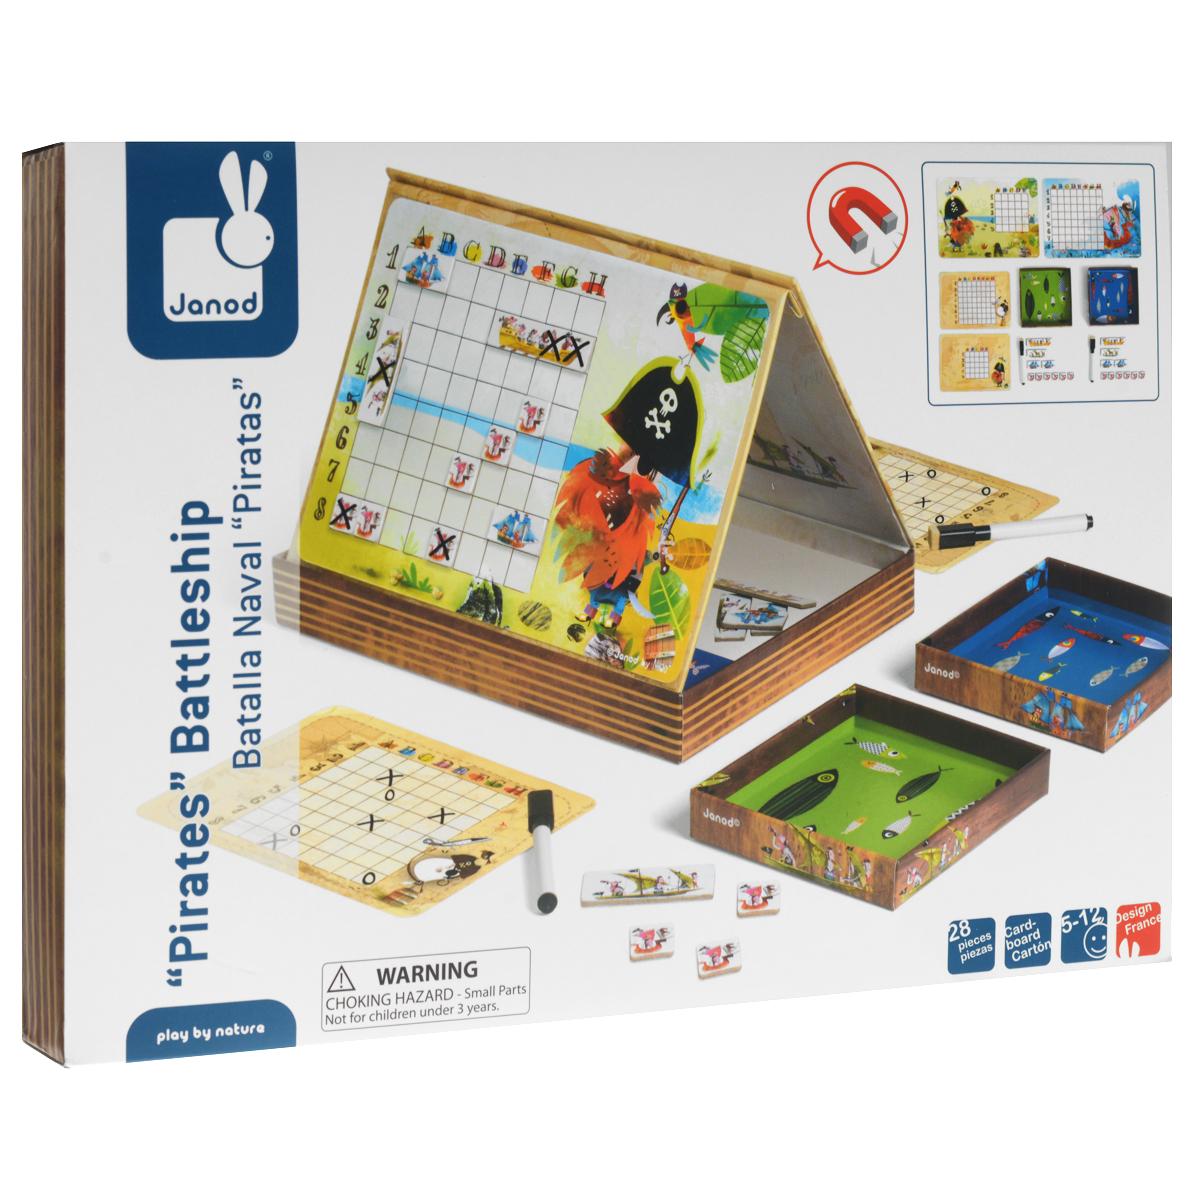 Настольная игра Janod Морской бой, магнитнаяJ02835Настольная игра Janod Морской бой популярна во всем мире как среди детей, так и взрослых. Комплект игры включает: раскладывающаяся двойная магнитная доска, 20 фишек в виде кораблей с магнитными элементами, 2 фломастера со стирающими элементами, 2 коробочки, 2 листа - игровых поля и 2 листа для отметок. В игре принимают участие двое. Каждый игрок получает 10 кораблей (6 маленьких красных, 2 синих, 1 зеленый, 1 большой желтый); маркер; коробочку для убитых кораблей; большой лист с игровым полем для размещения флота кораблей и маленький лист с чужим полем для отметки выстрелов по кораблям противника. Выберите уровень сложности игры на большом листе (начинающим - поле на 20 клеток и 5 маленьких красных кораблей; экспертам - поле на 64 клетки и все 10 кораблей) и закрепите его на поверхности для игры внутри пластиковых уголков. Разместите магнитные корабли на клетках. Не размещайте корабли между клетками на линиях. Перед началом боевых действий игроки...